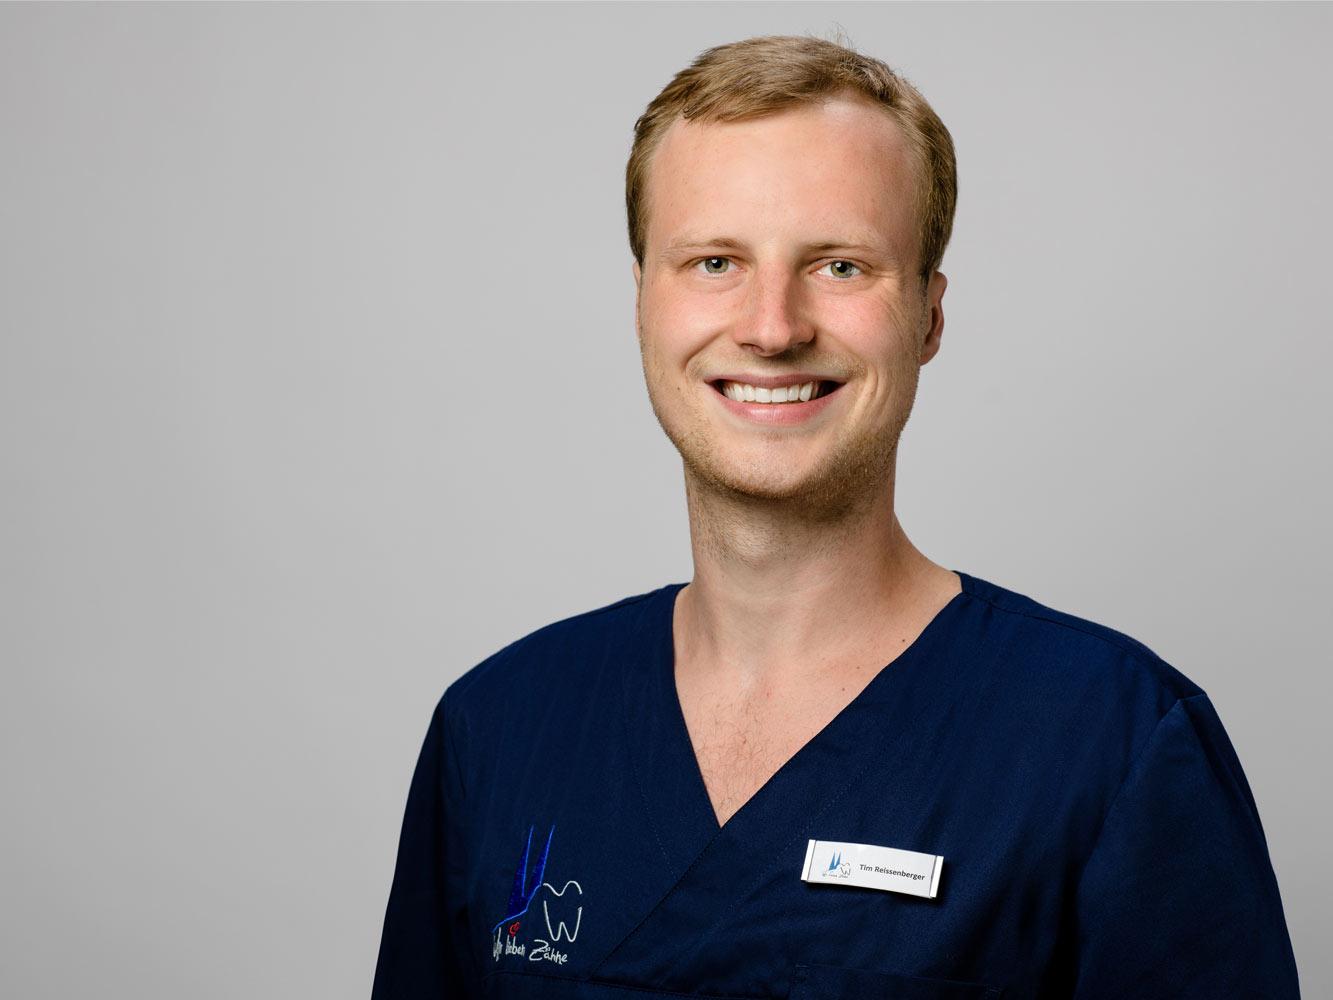 Tim Reissenberger Zahnarzt im Zentrum für Zahnmedizin Neusser Straße!